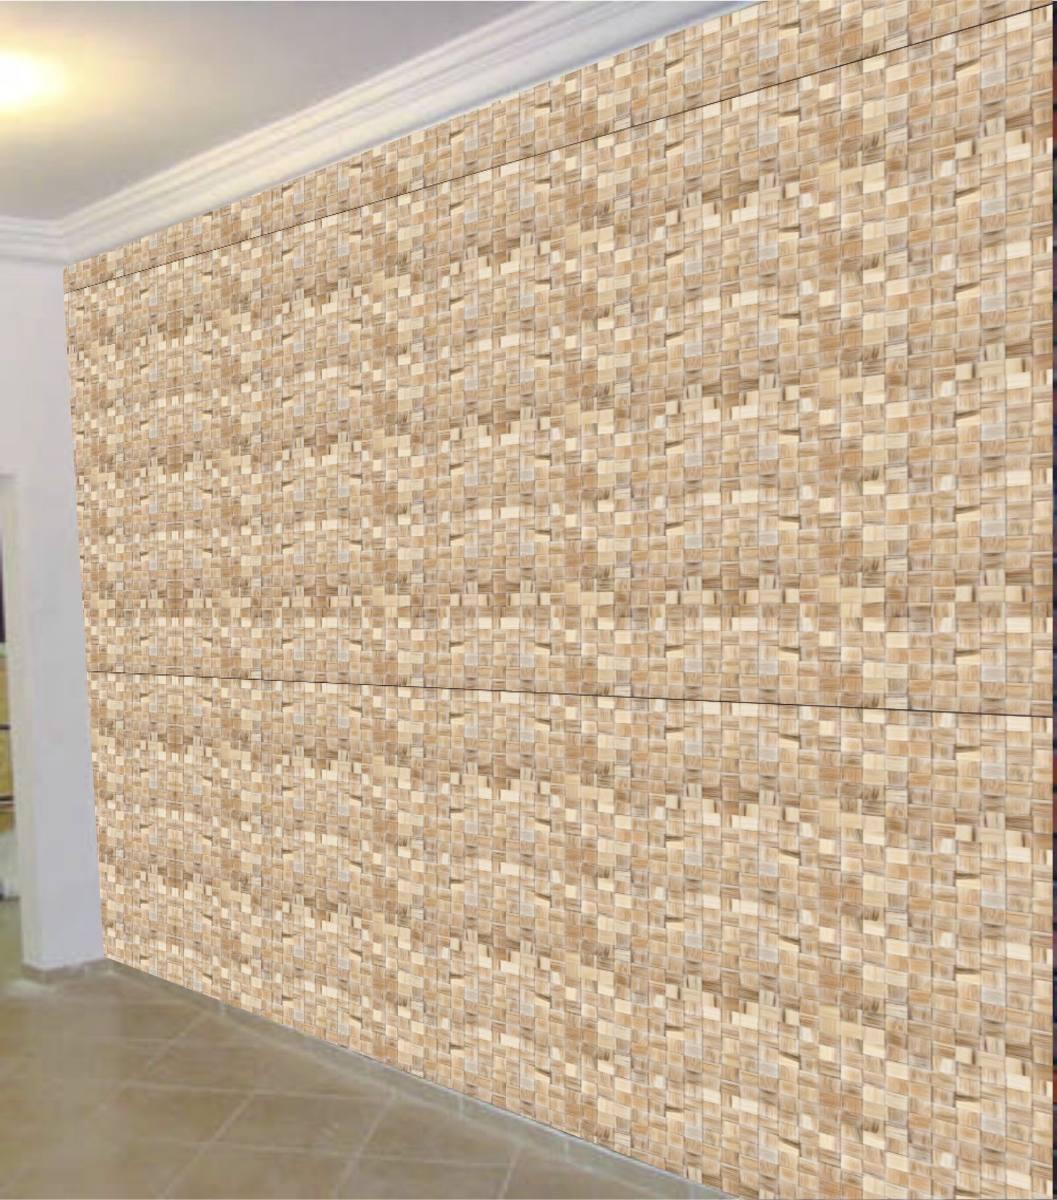 Adesivo de parede textura fosca madeira decorativo r 9 - Textura de pared ...